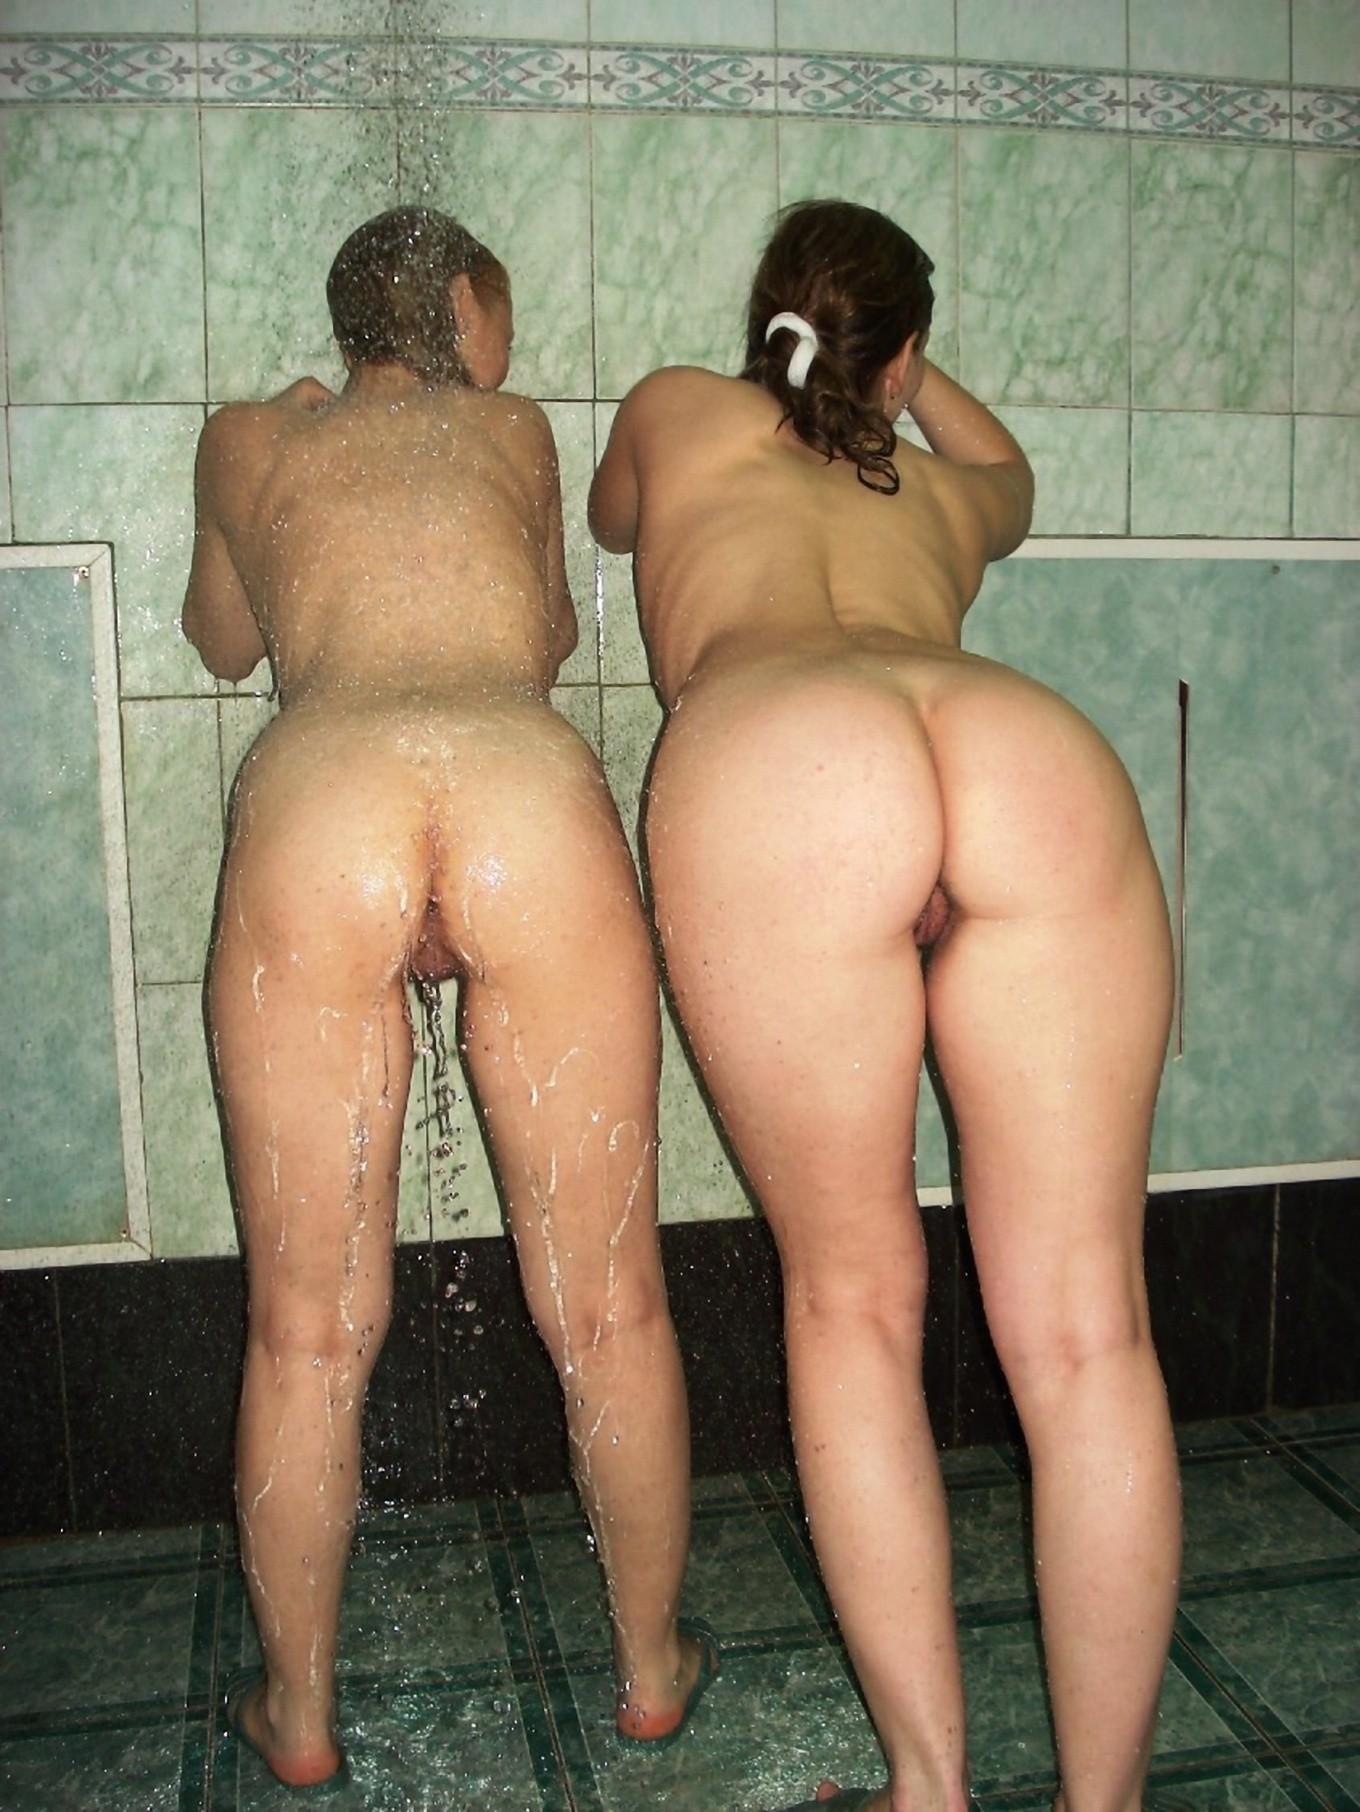 Смотреть онлайн бесплатно голые бабы в бане 26 фотография